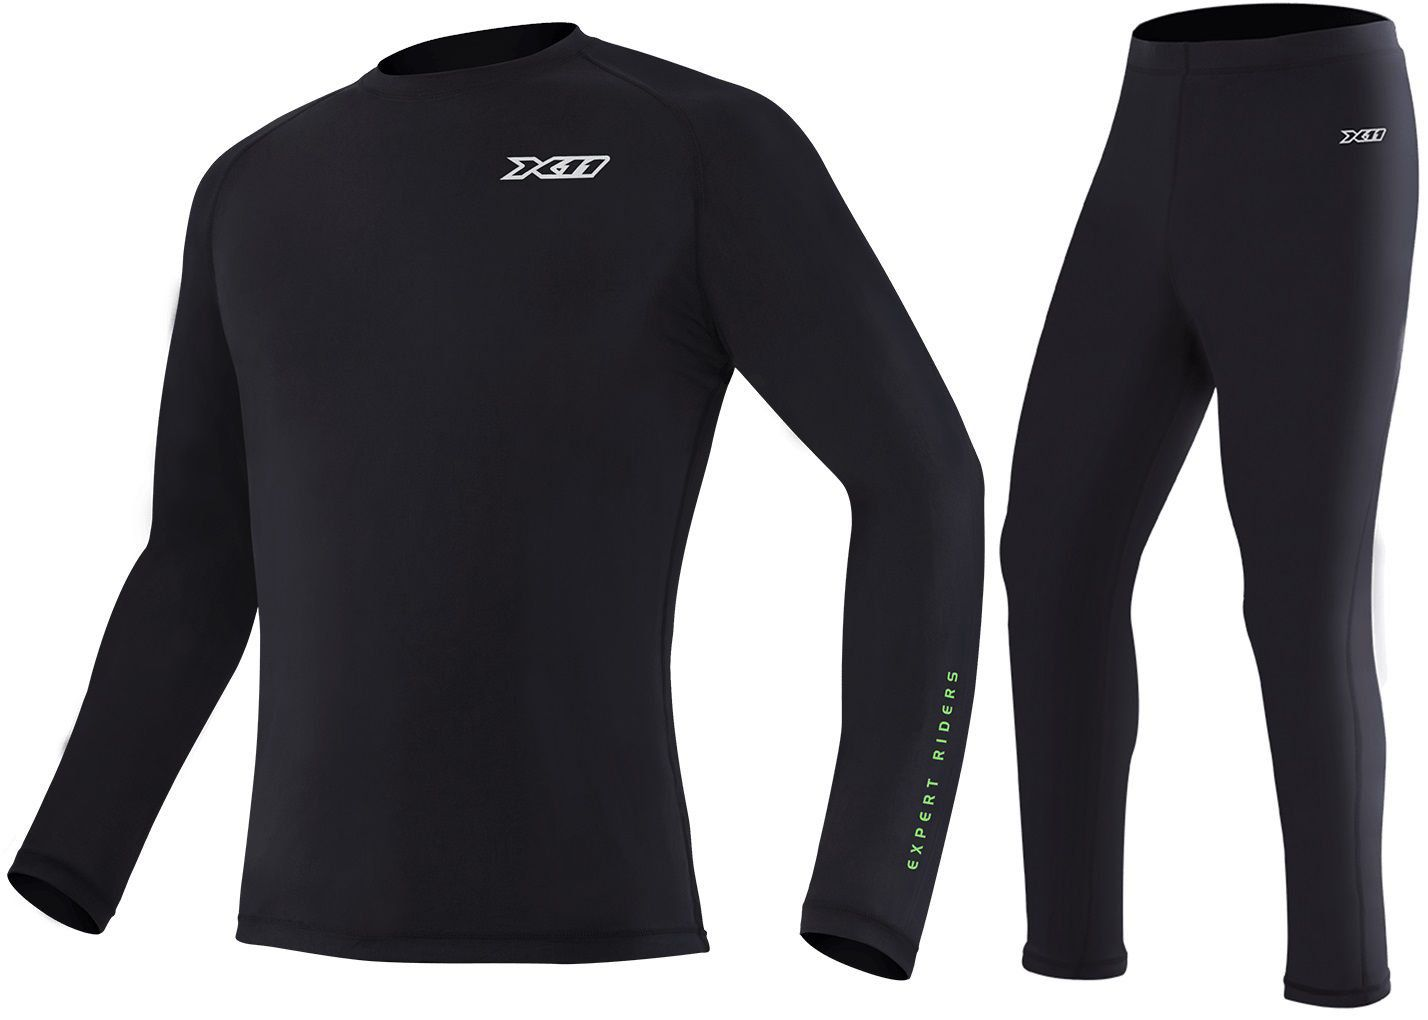 Kit Camiseta + Calça Climate X11 Preta Segunda Pele Térmica Motoqueiro Motociclista Ciclista